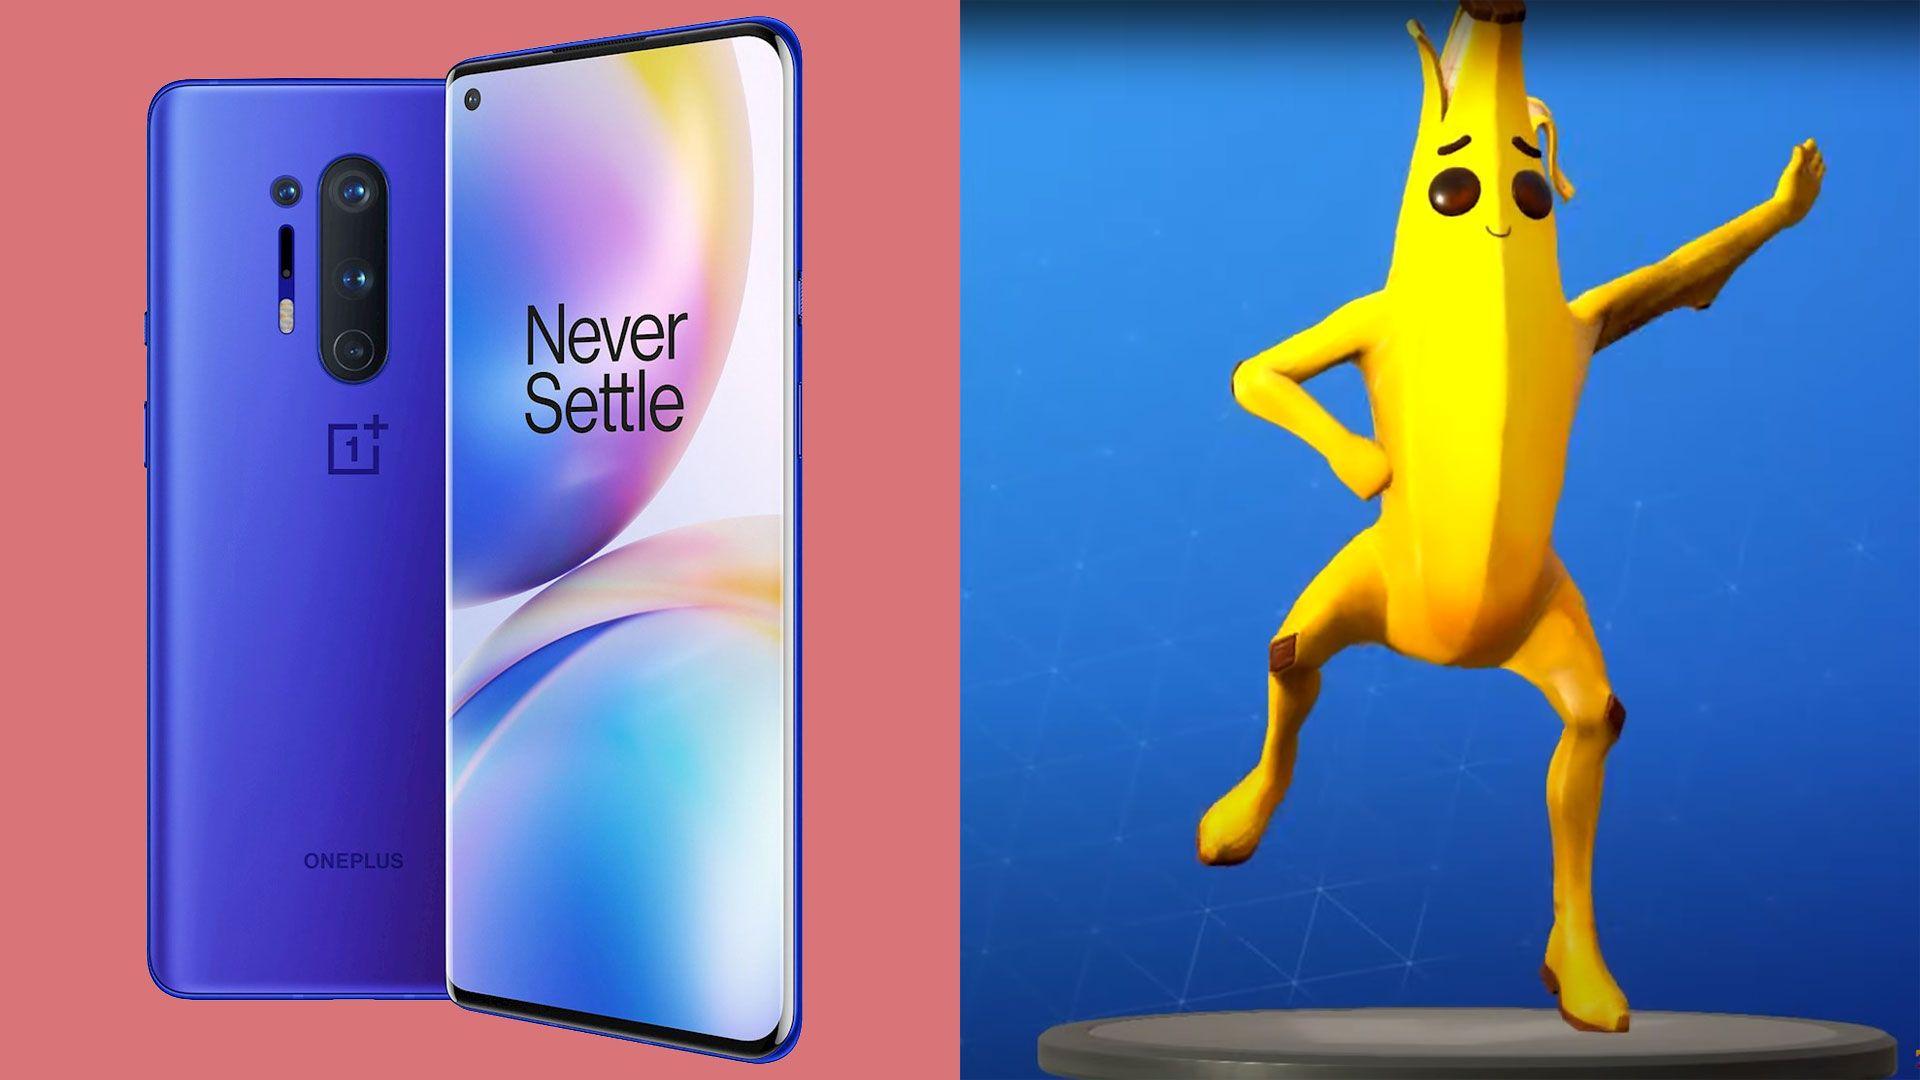 Slik ser dansen ut. OnePlus 8 til venstre, dansende banan til høyre.